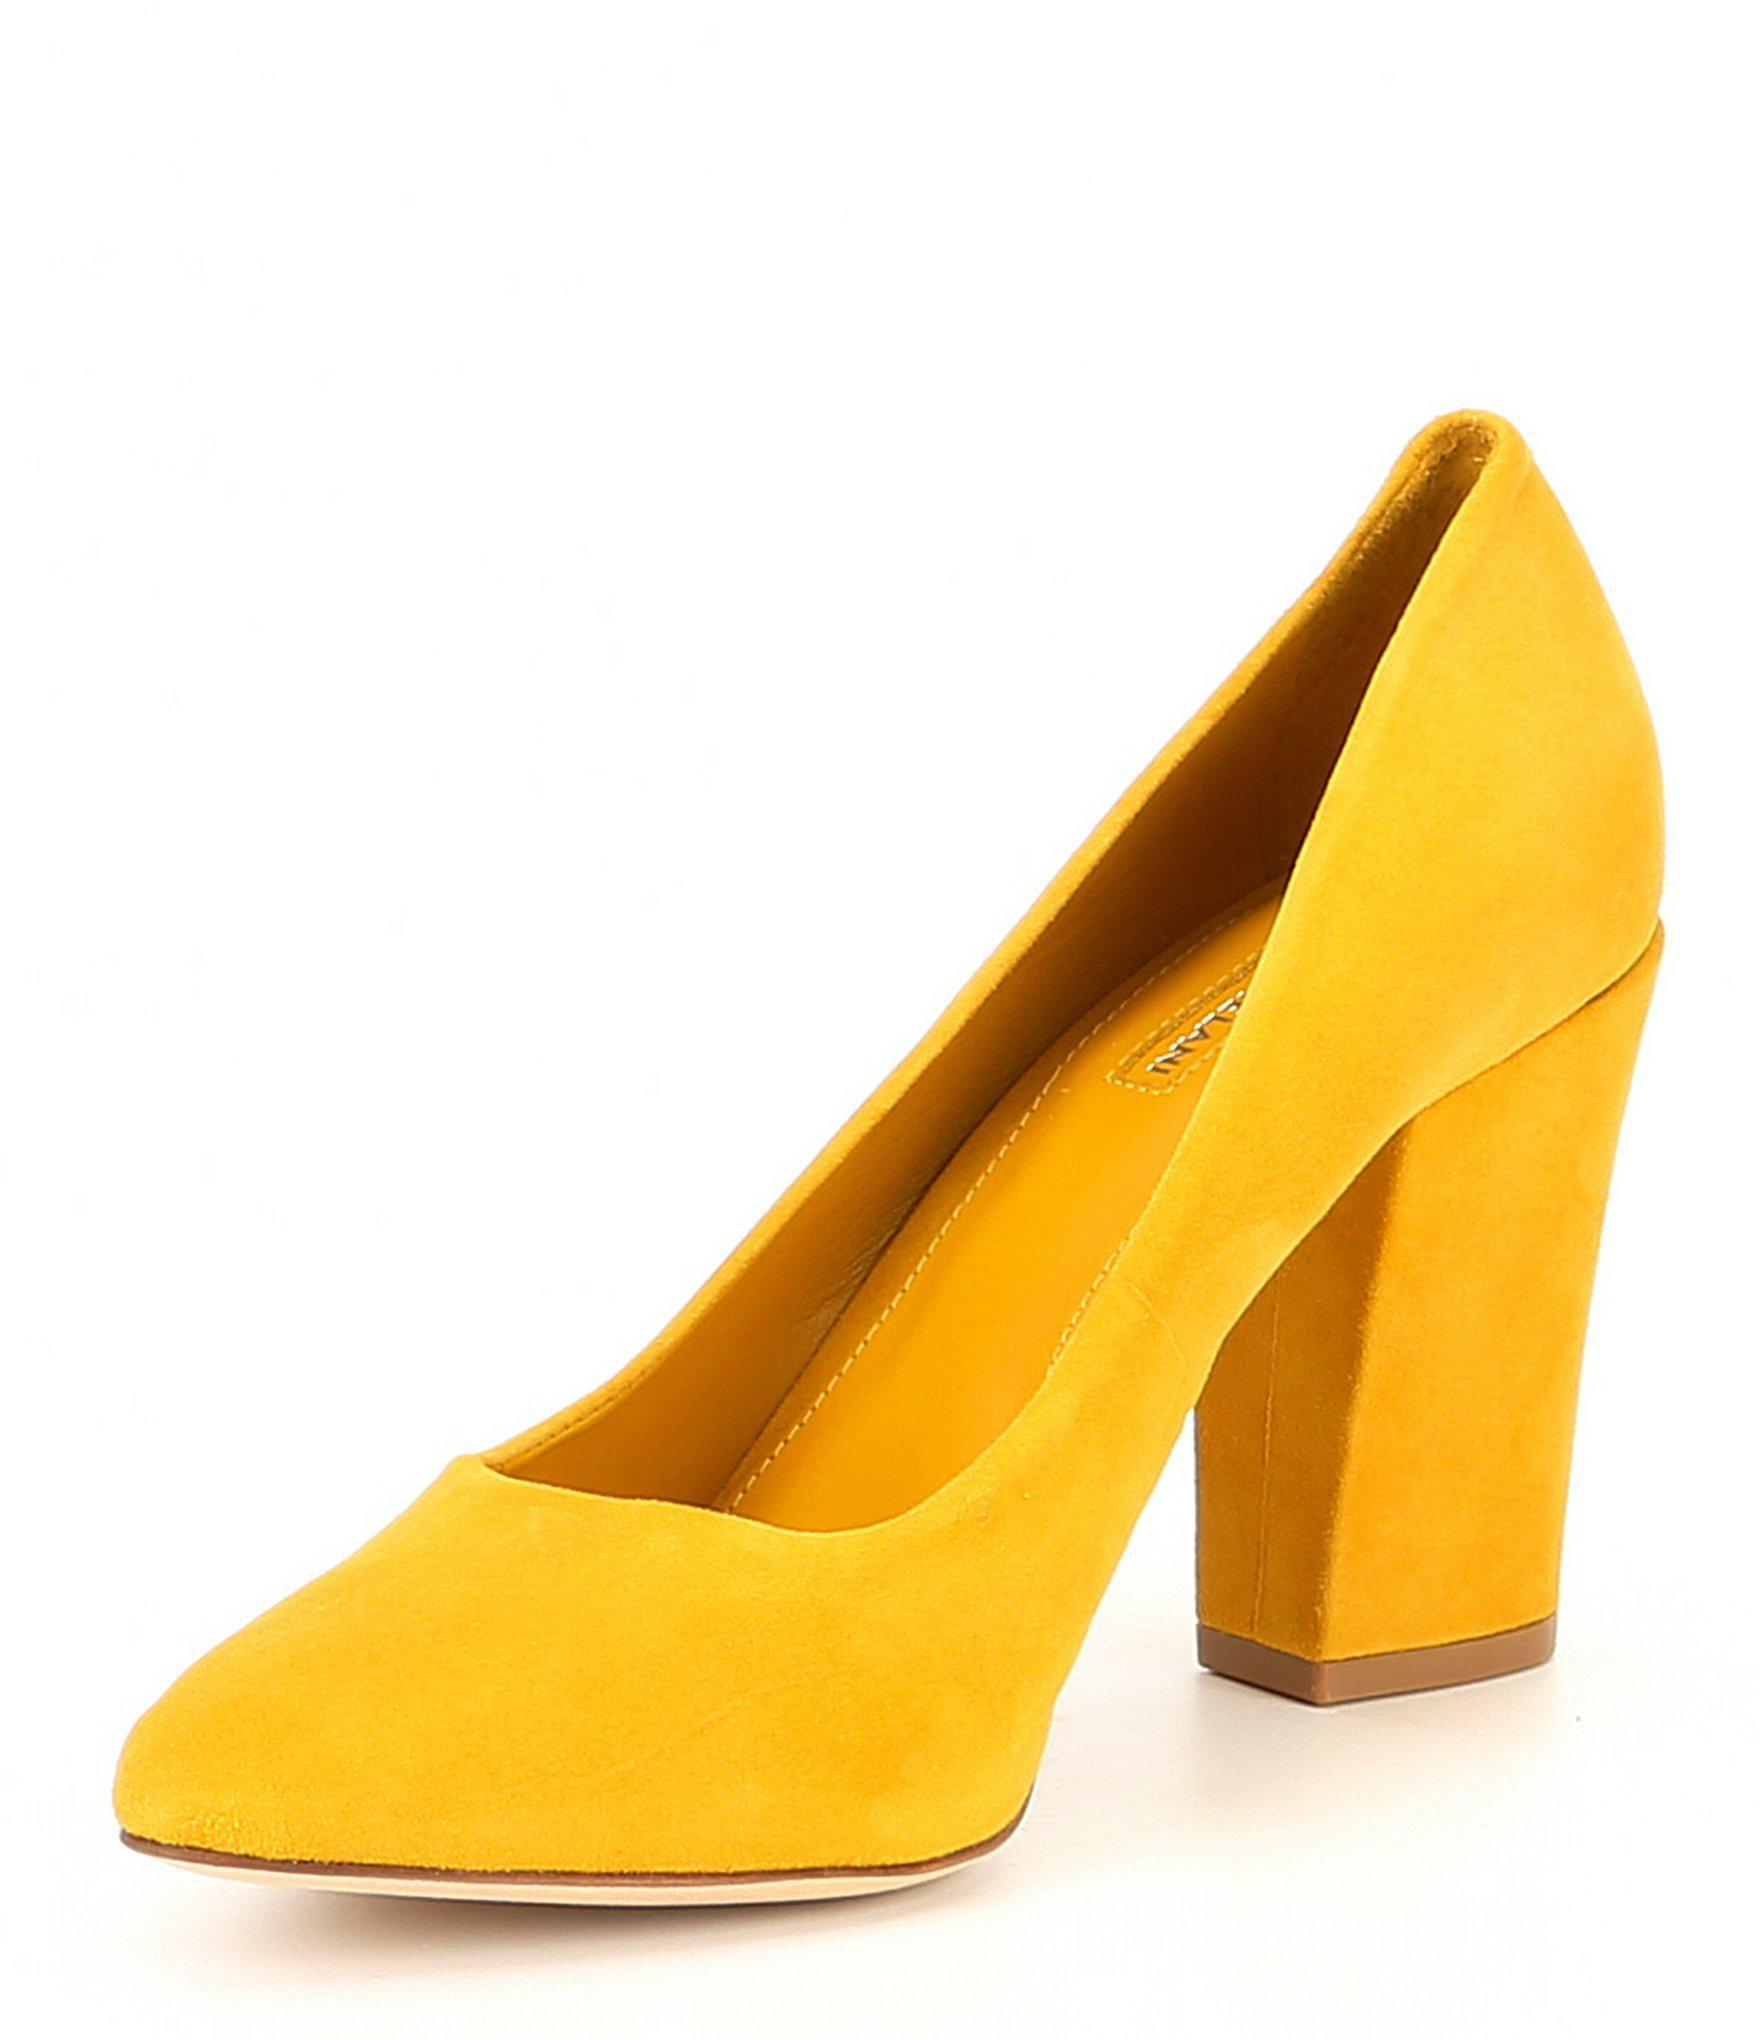 d8d110ca47dd Lyst - Antonio Melani Valo Suede Block Heel Pumps in Yellow